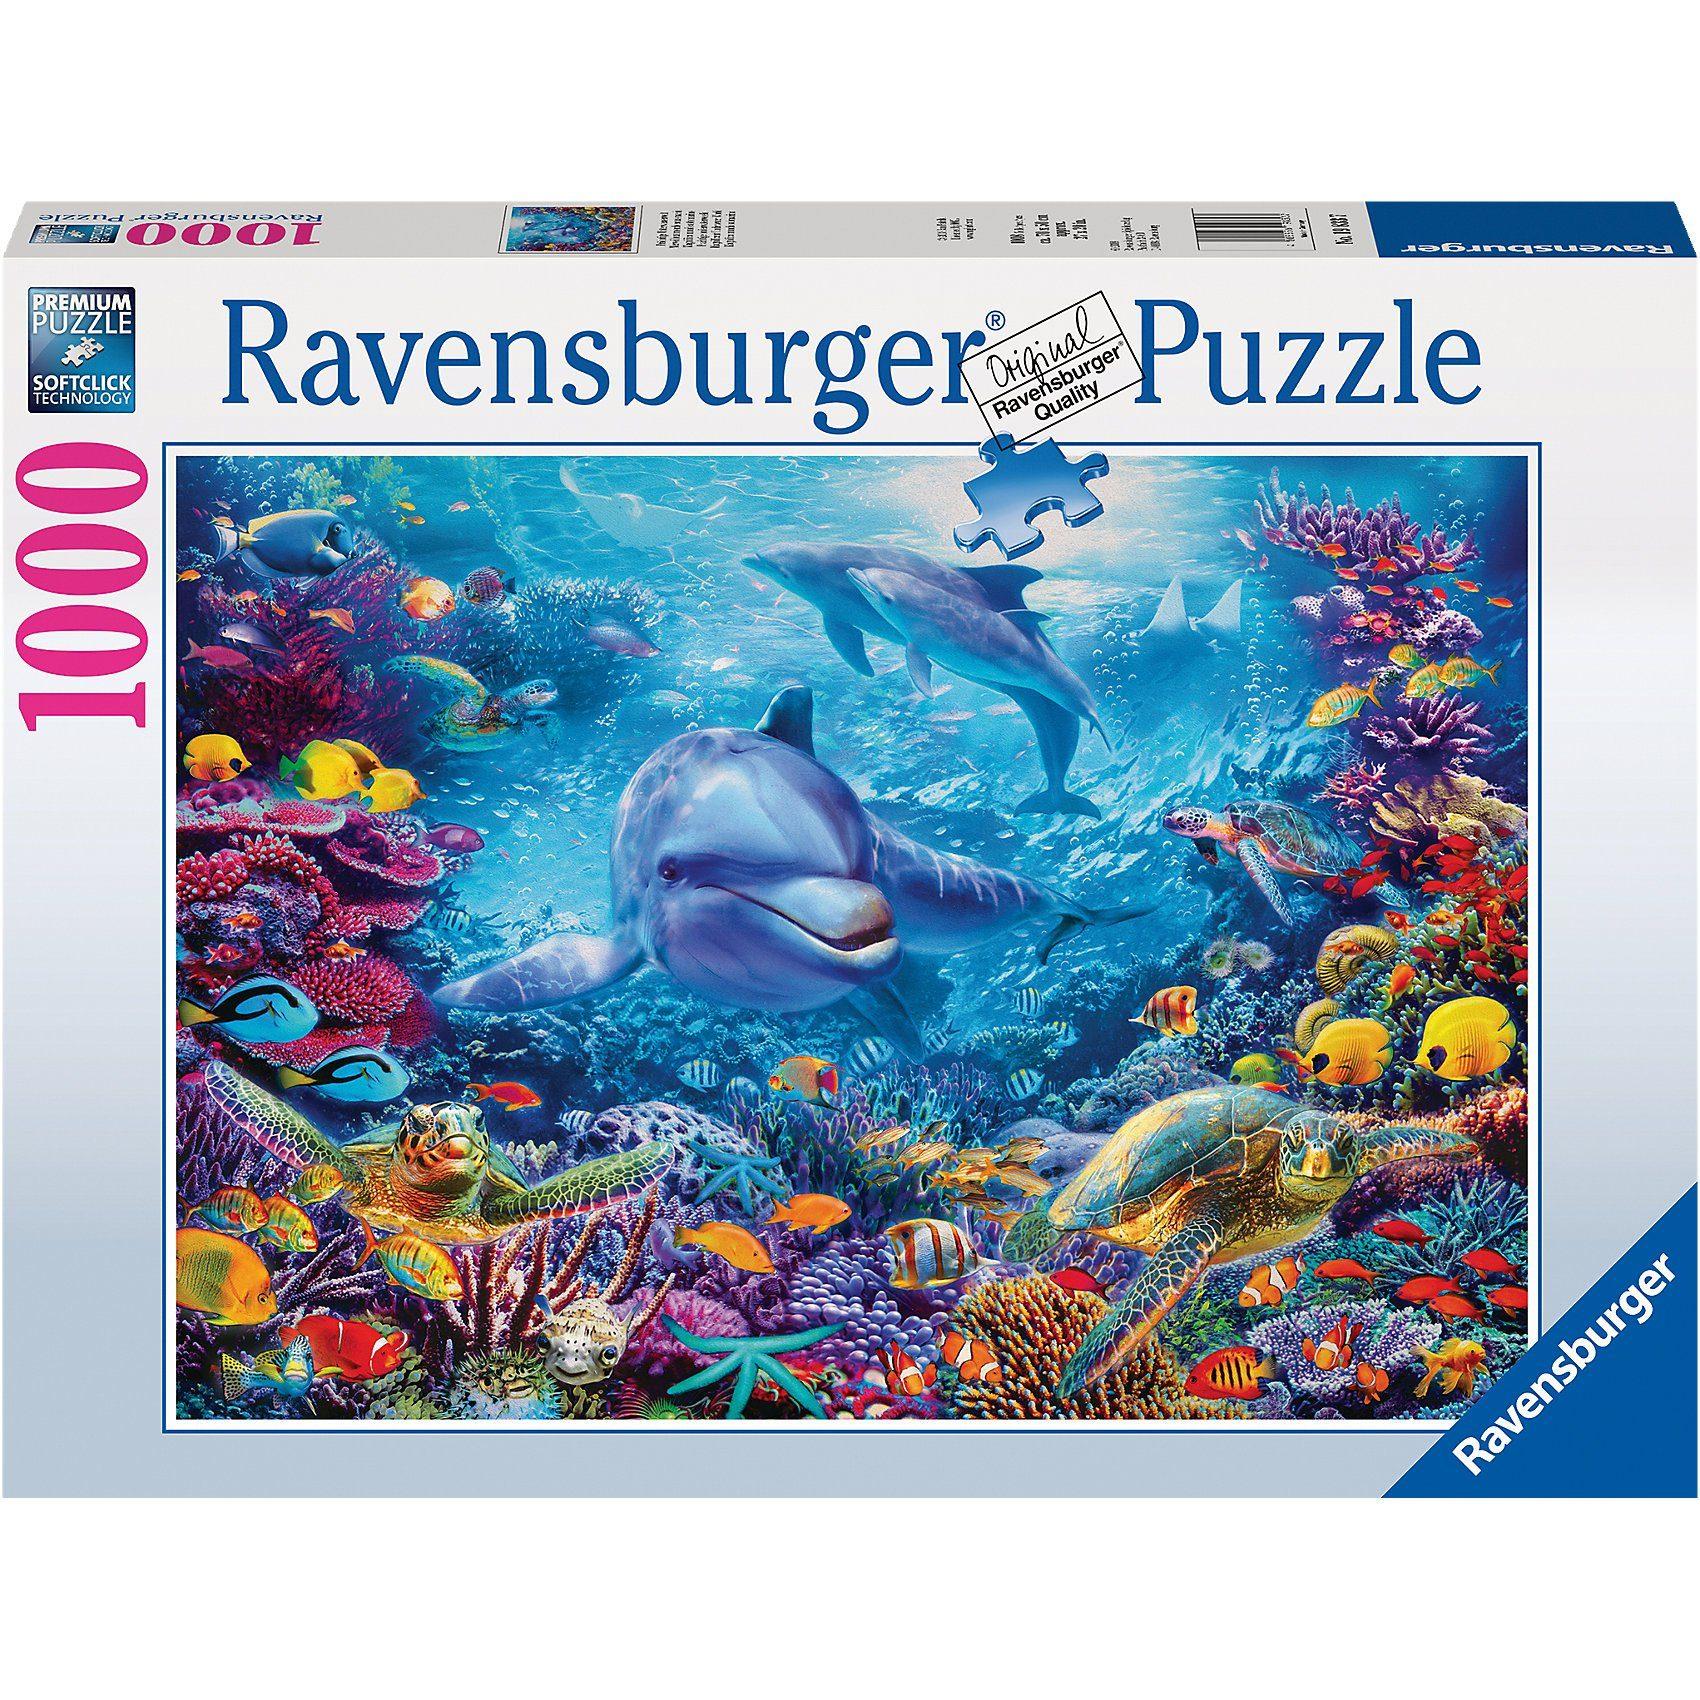 Ravensburger Puzzle 1000 Teile Prächtige Unterwasserwelt